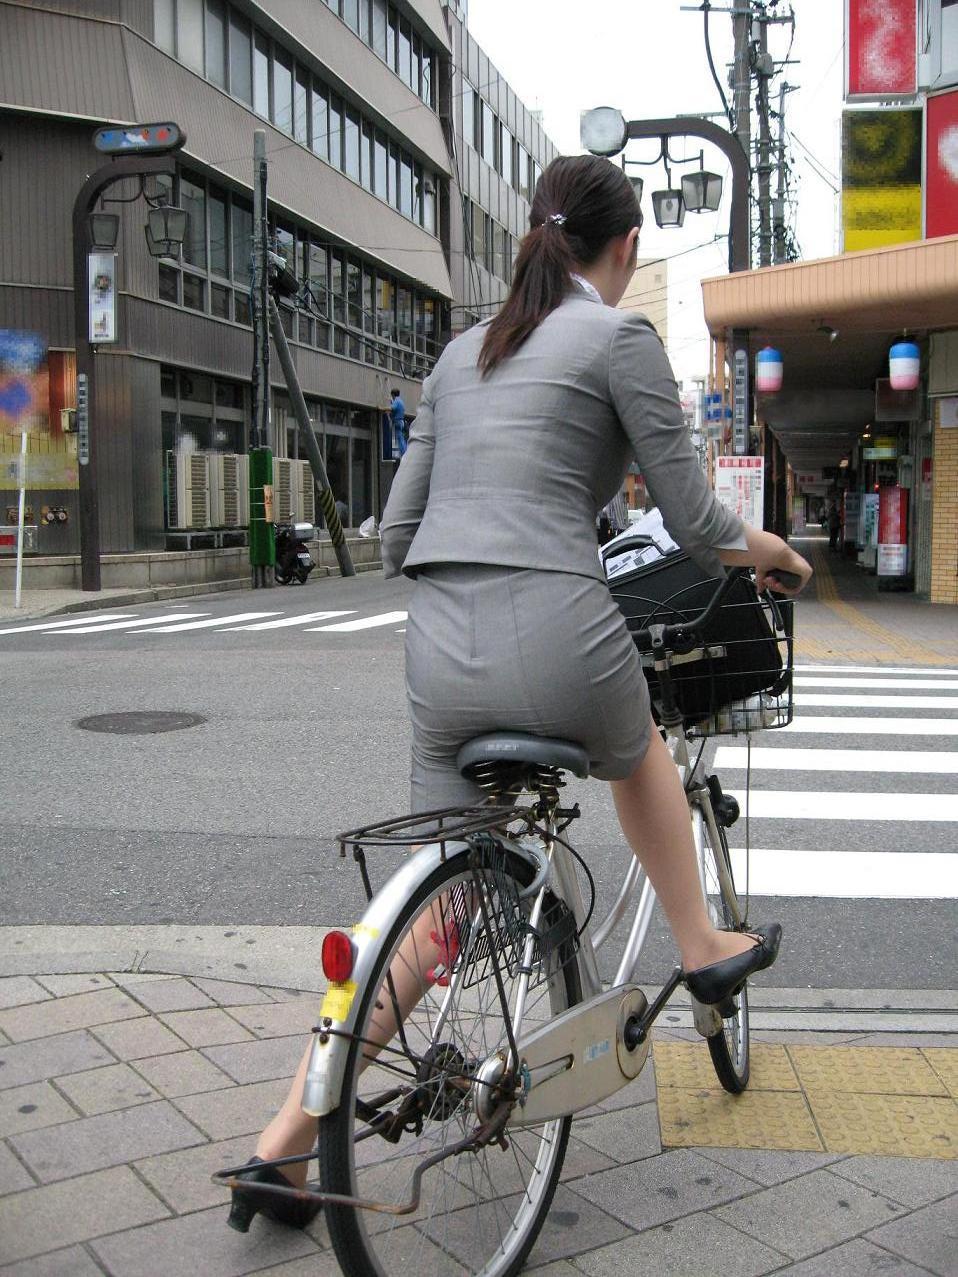 【街撮り美脚画像】大人の下半身を観察www自転車乗った働くおねえさん画像 08